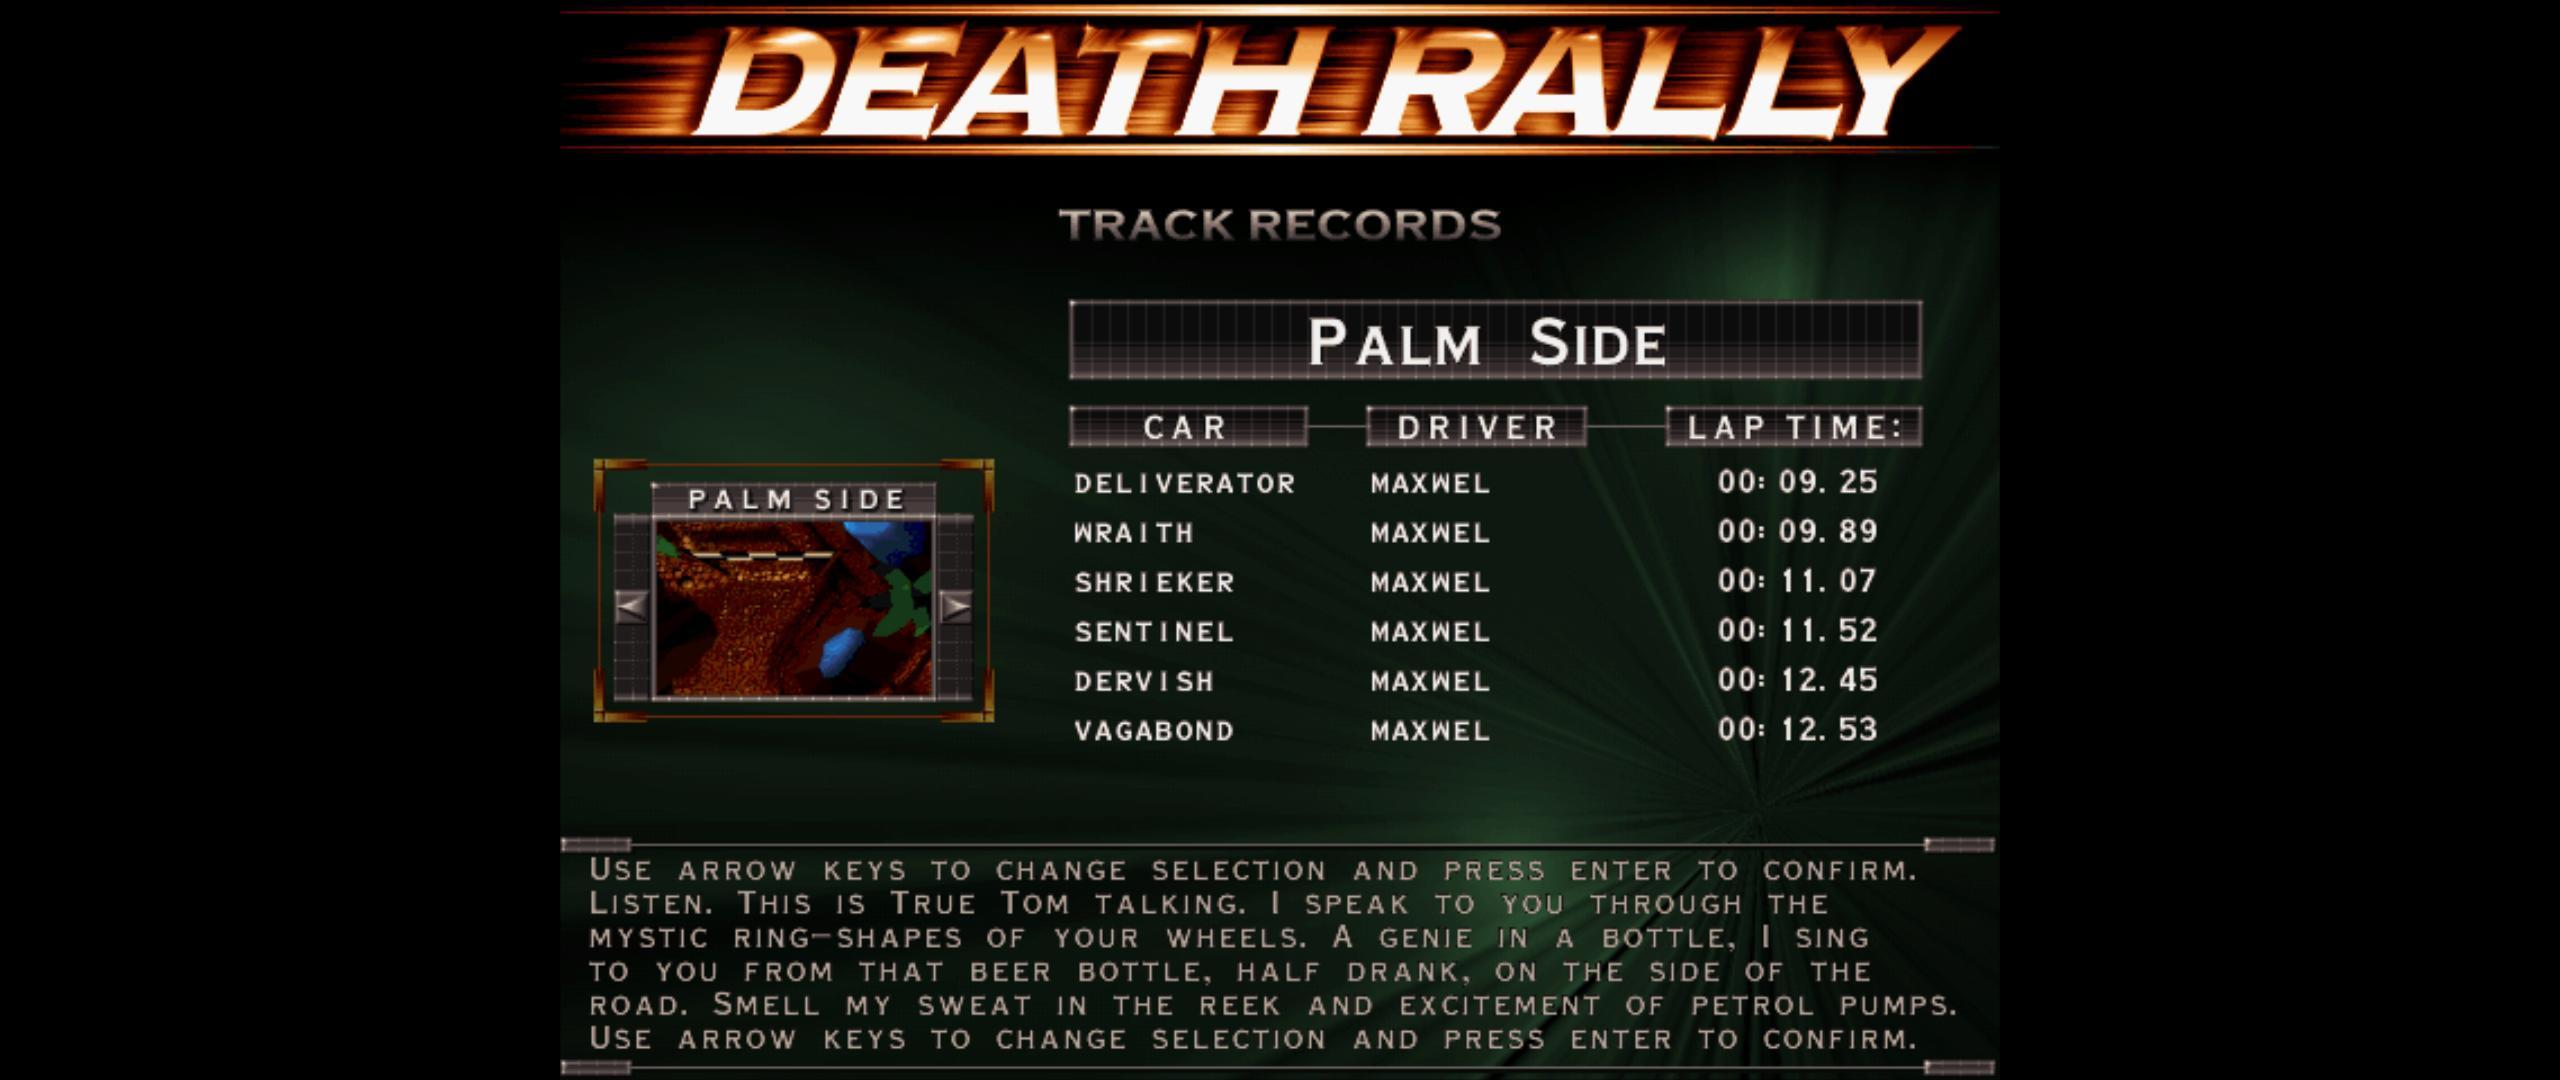 Maxwel: Death Rally [Palm Side, Dervish Car Car] (PC) 0:00:12.45 points on 2016-03-04 06:44:04